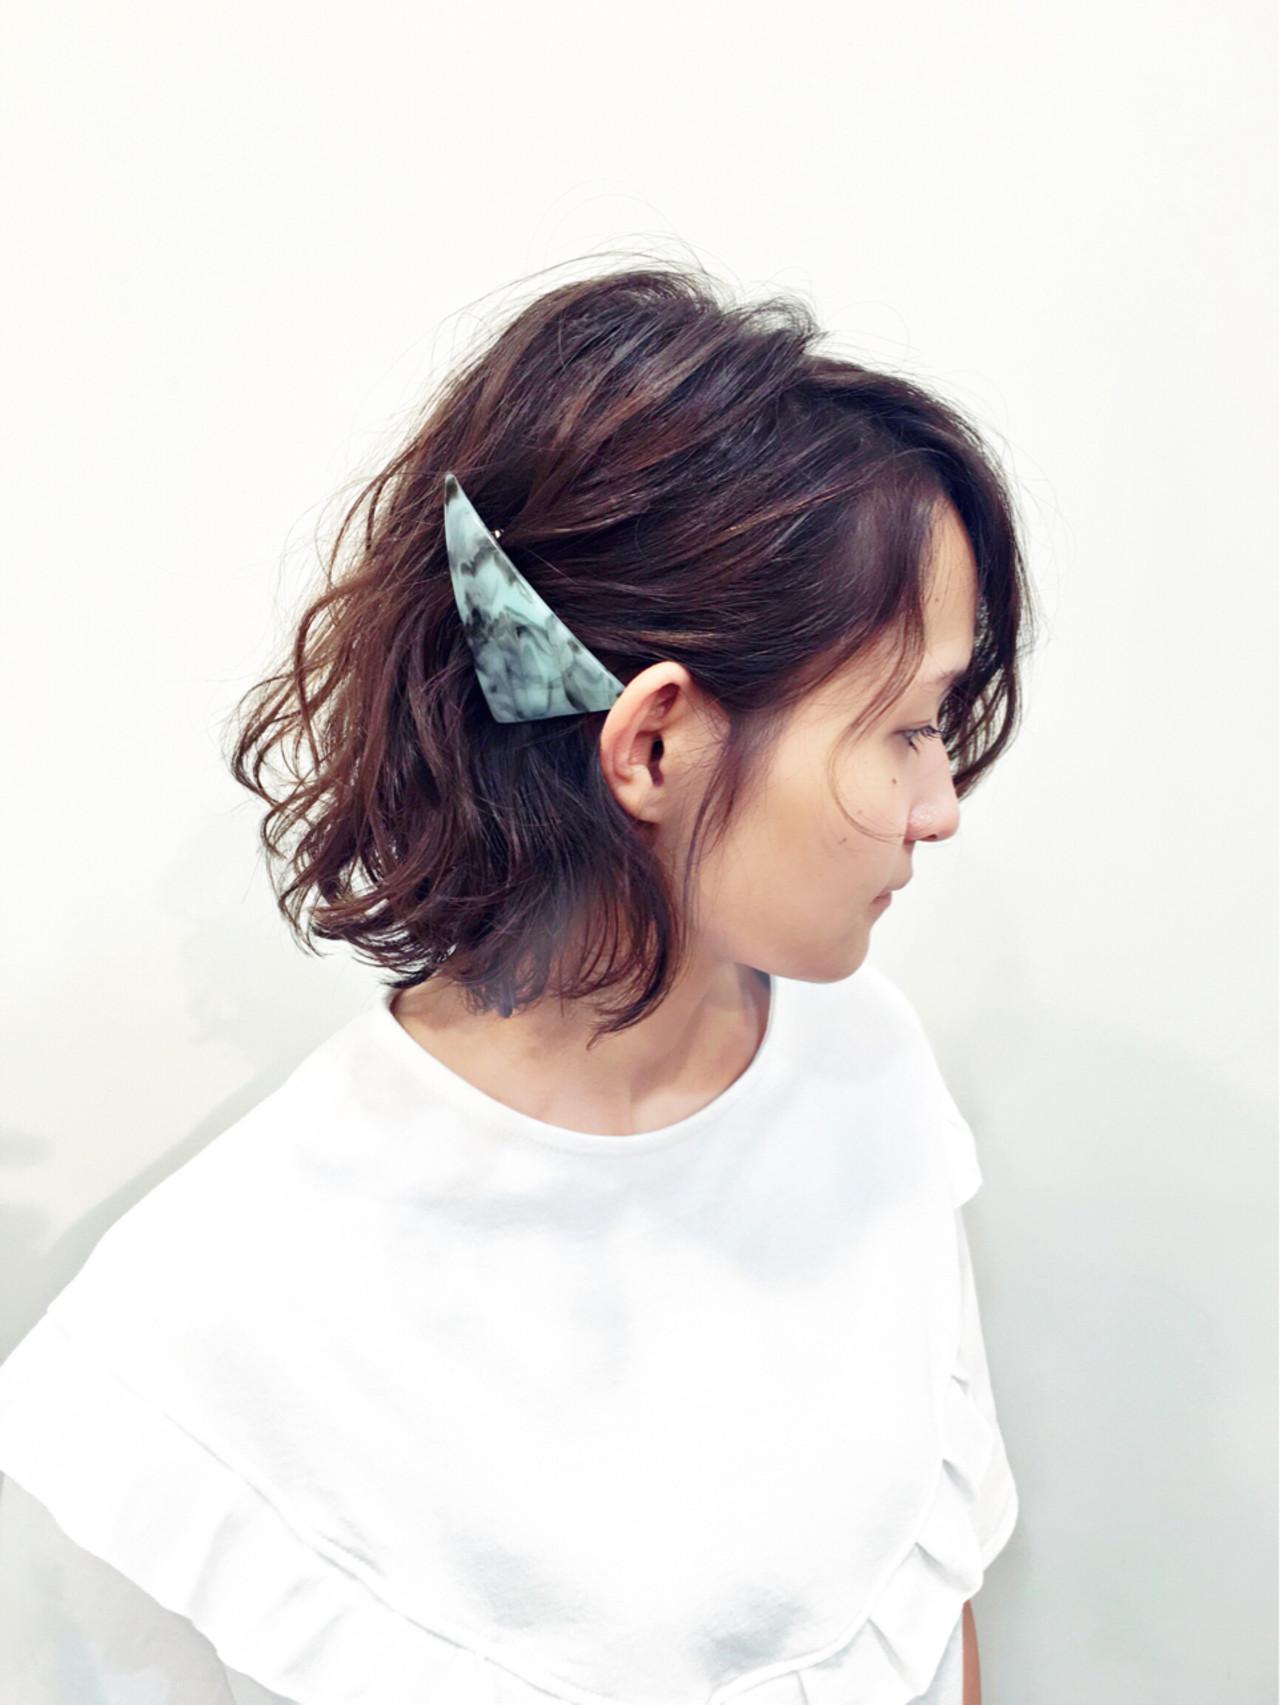 バレッタ ヘアアレンジ ボブ ヘアスタイルや髪型の写真・画像 | Rikiya Sakamoto / Seasonal-Lab(旧ディーズガレージ)